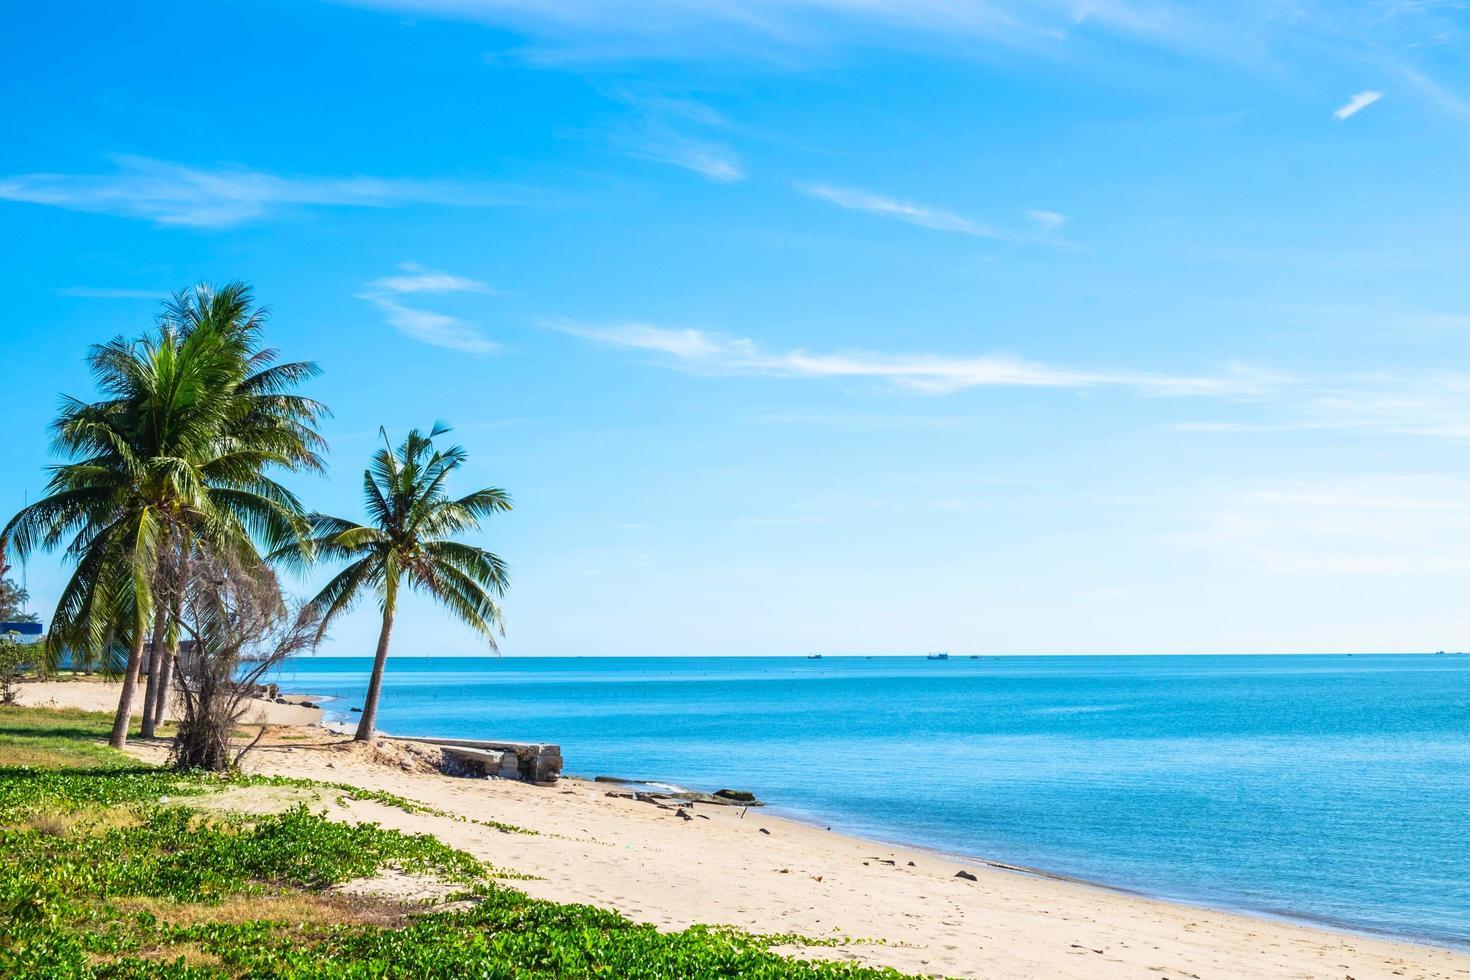 prachtige stranden en helder water in de zomer foto